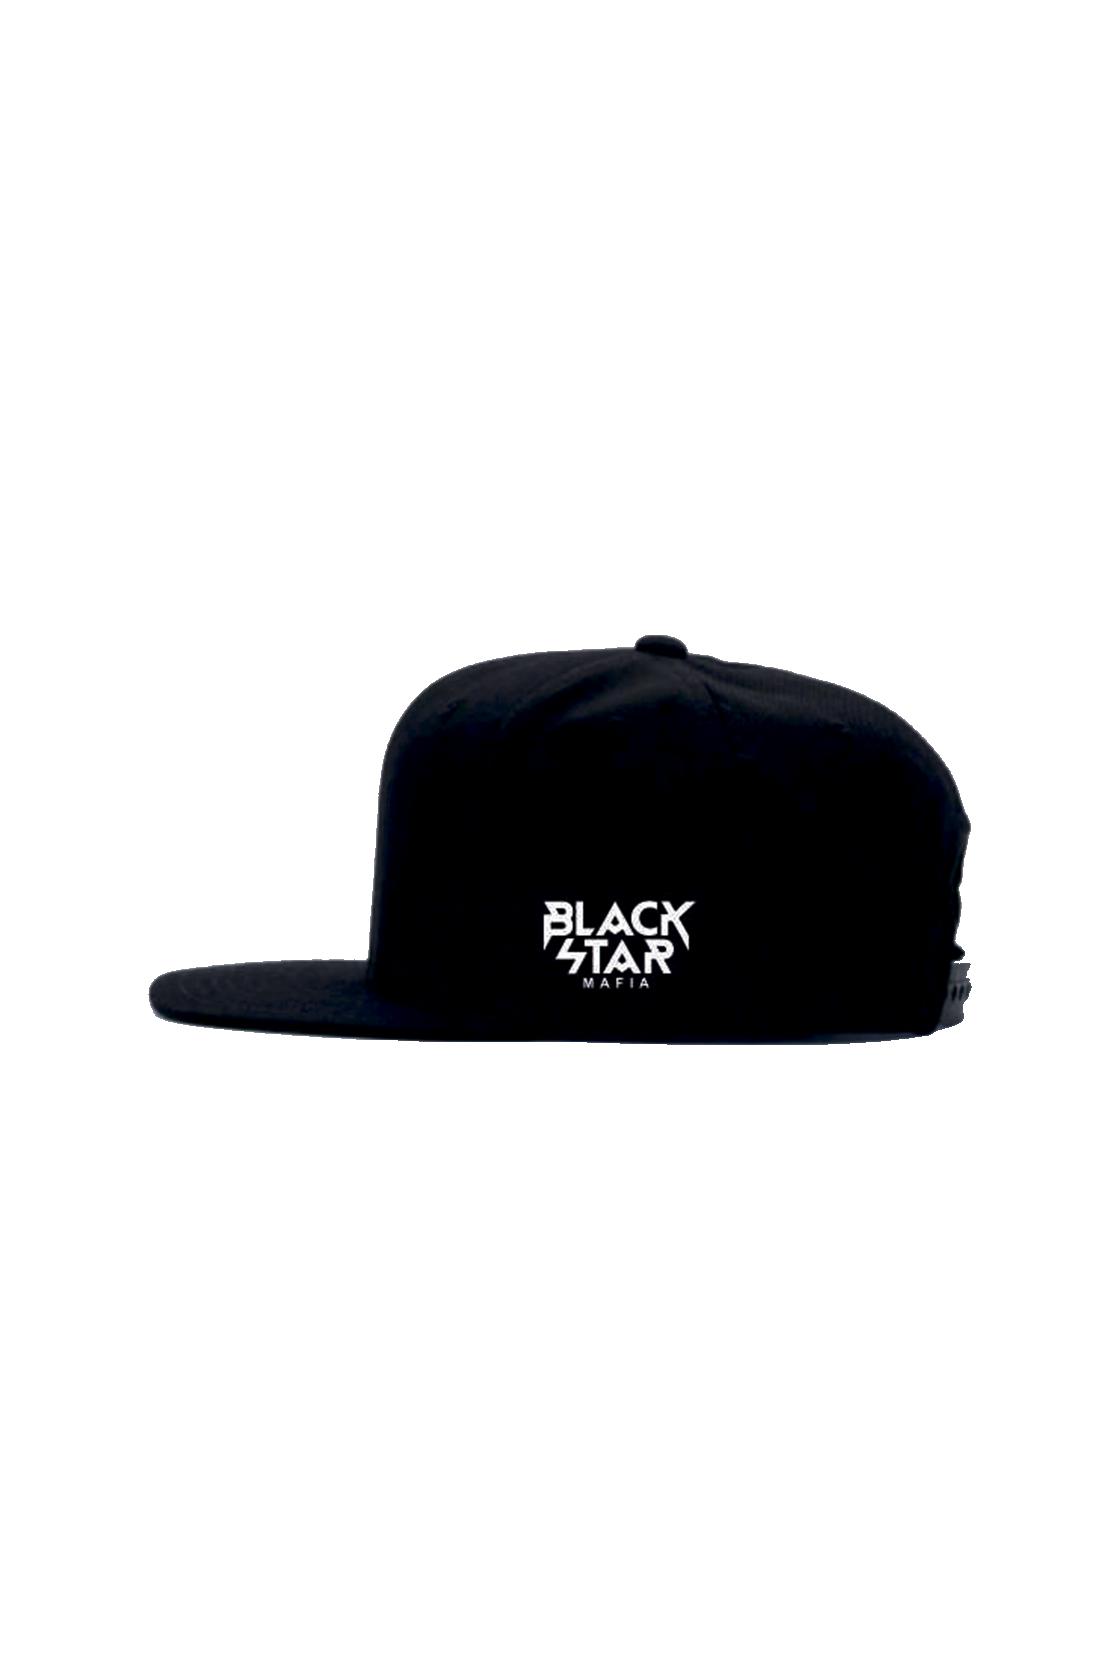 Mens baseball cap Black Star Mafia от BlackStarWear INT